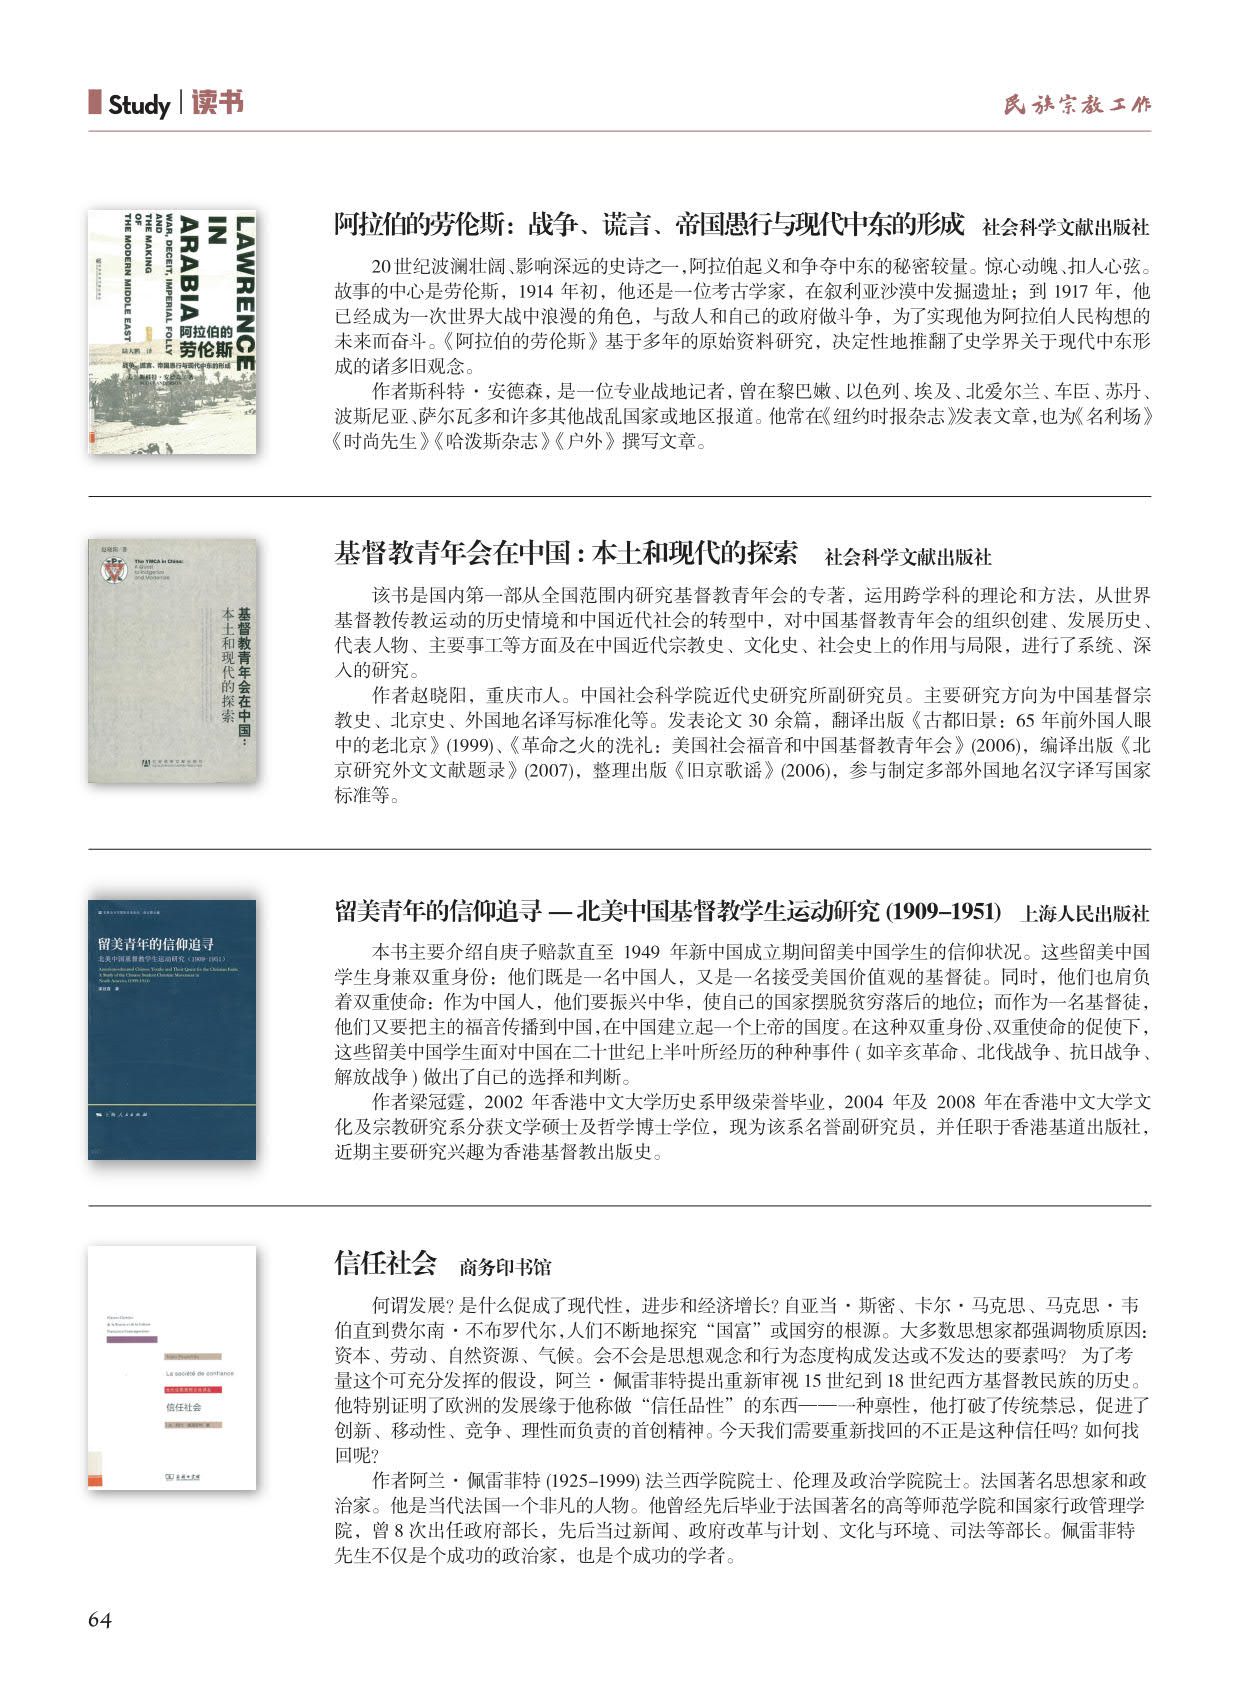 民宗委 十月(1)_66.jpg